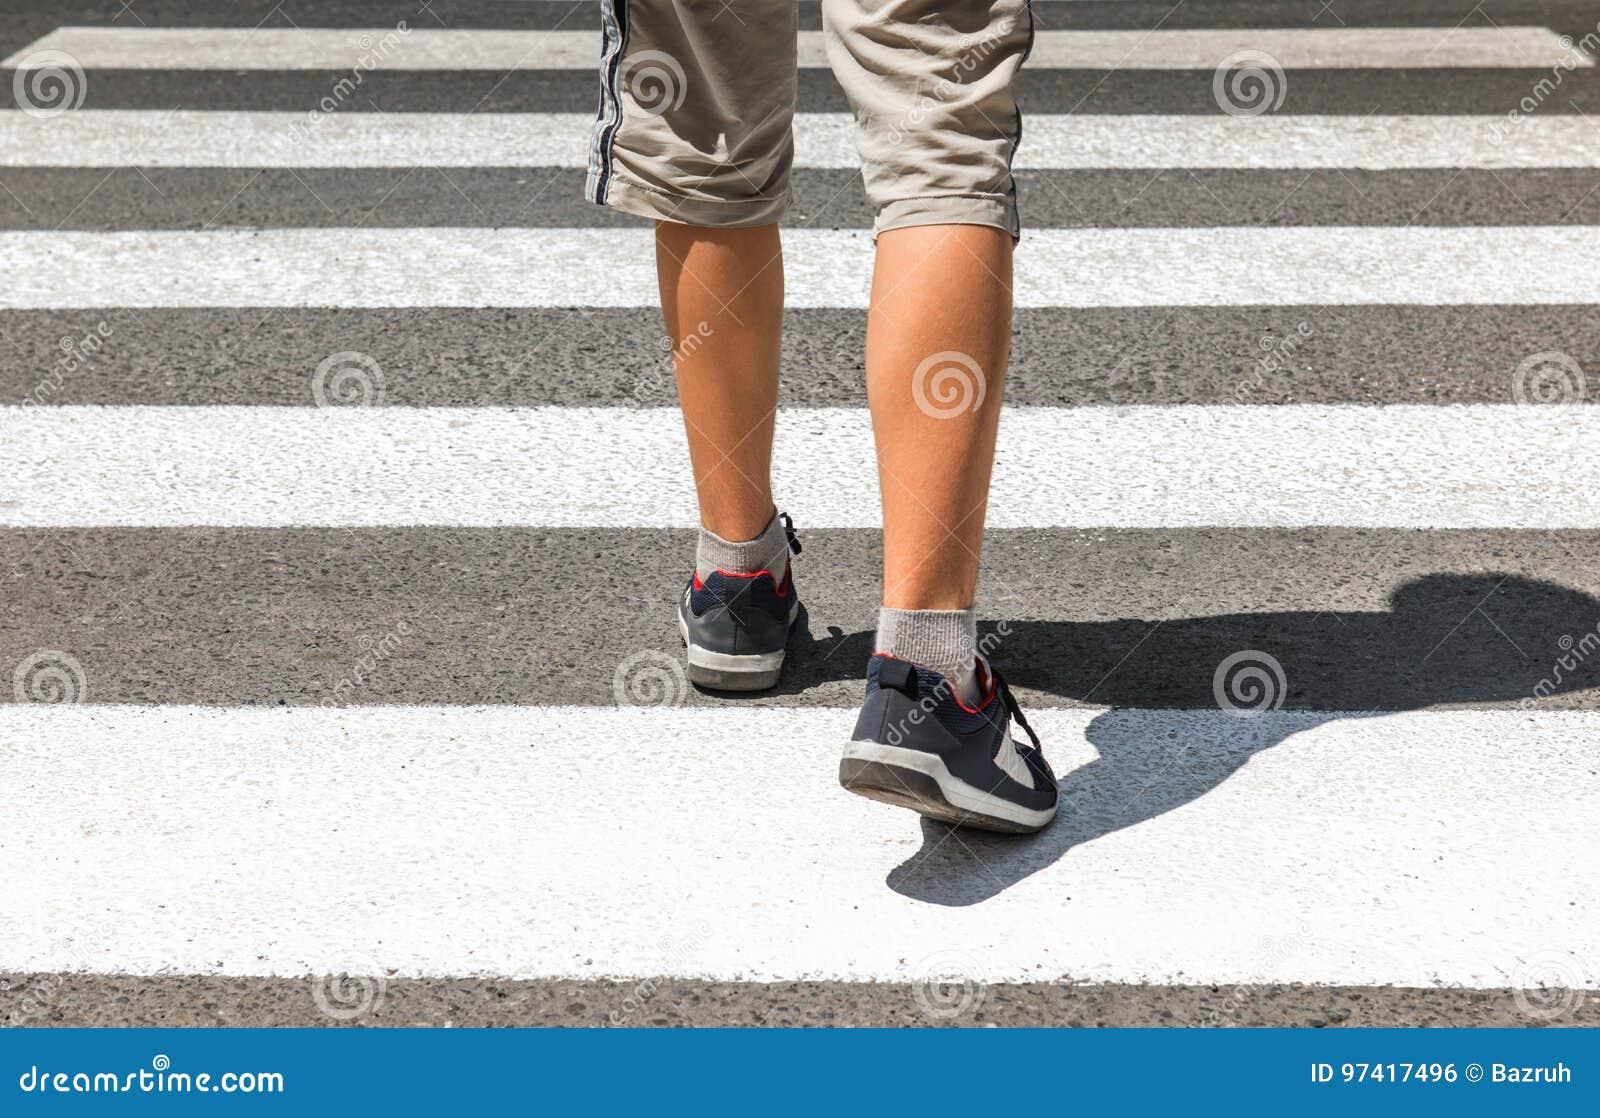 Crosswalk Piéton sur la route